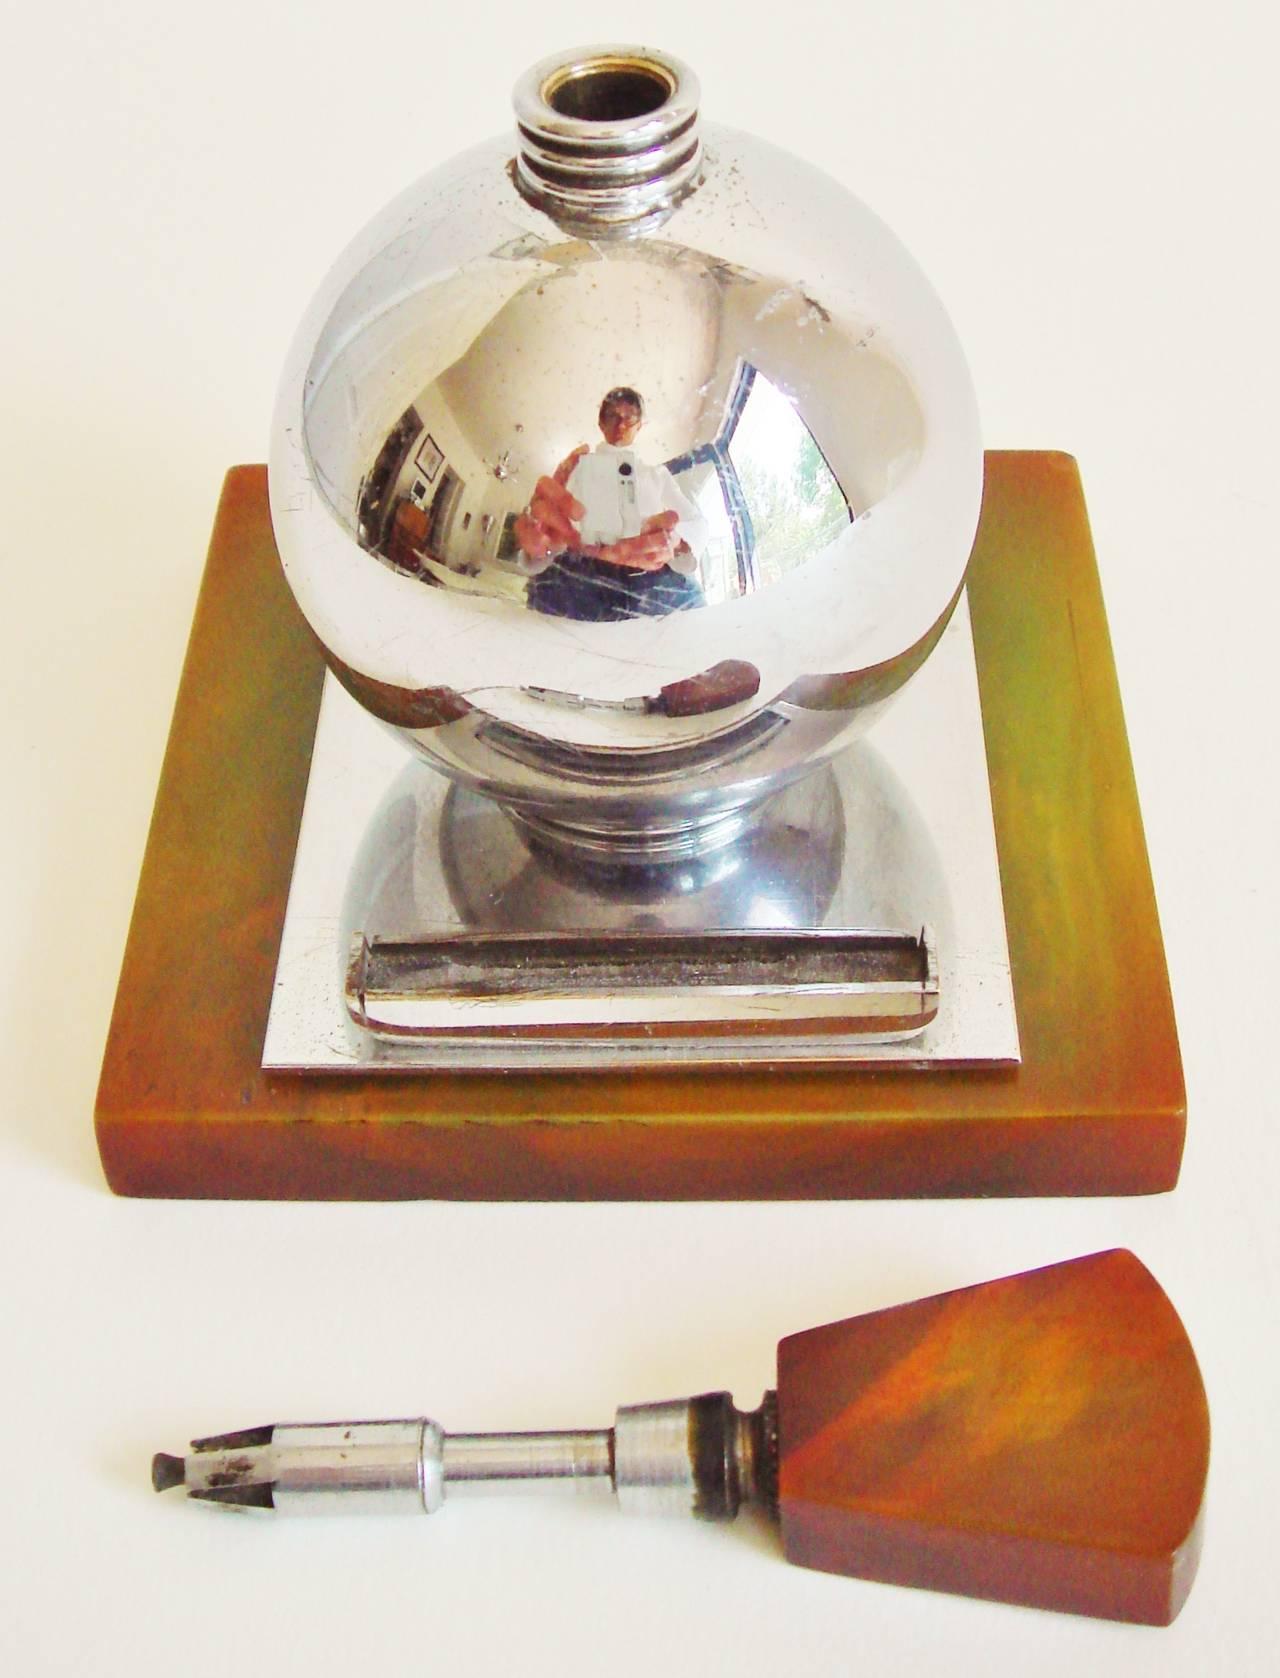 Rare English Art Deco Chrome and Bakelite Spherical Striker Table Lighter For Sale 1